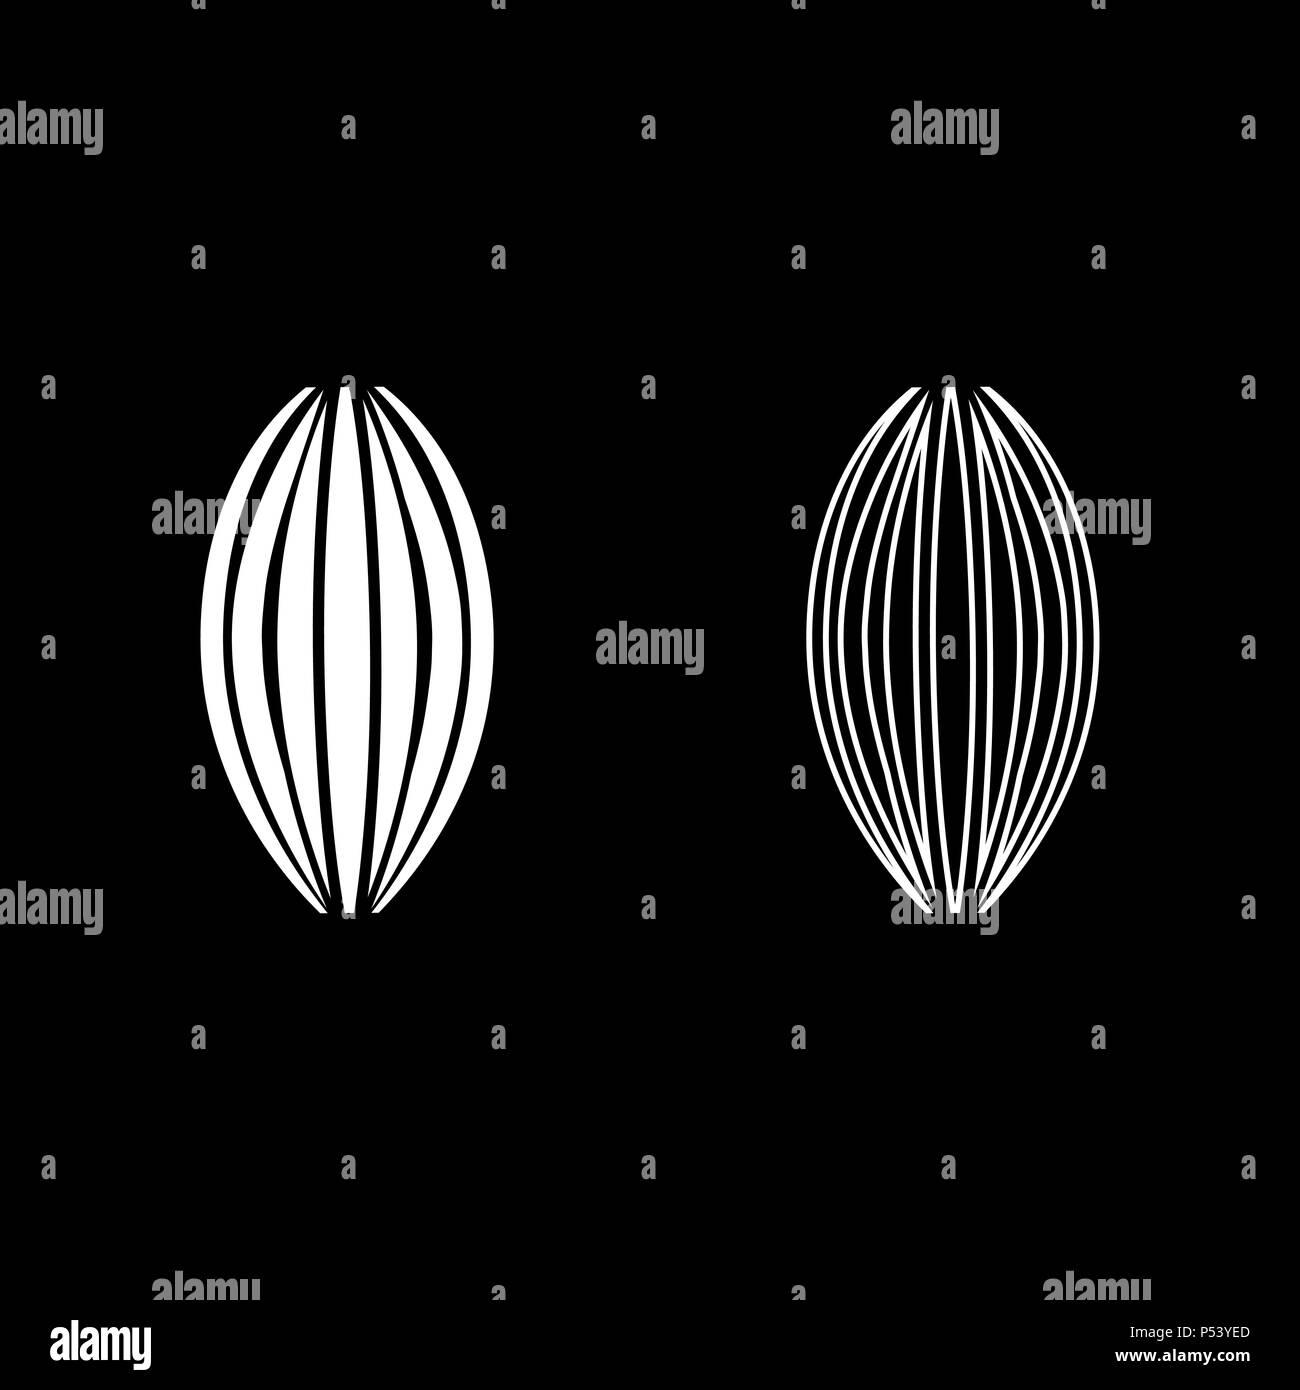 Conjunto de iconos muscular vector de color blanco I tipo plano simple imagen Imagen De Stock